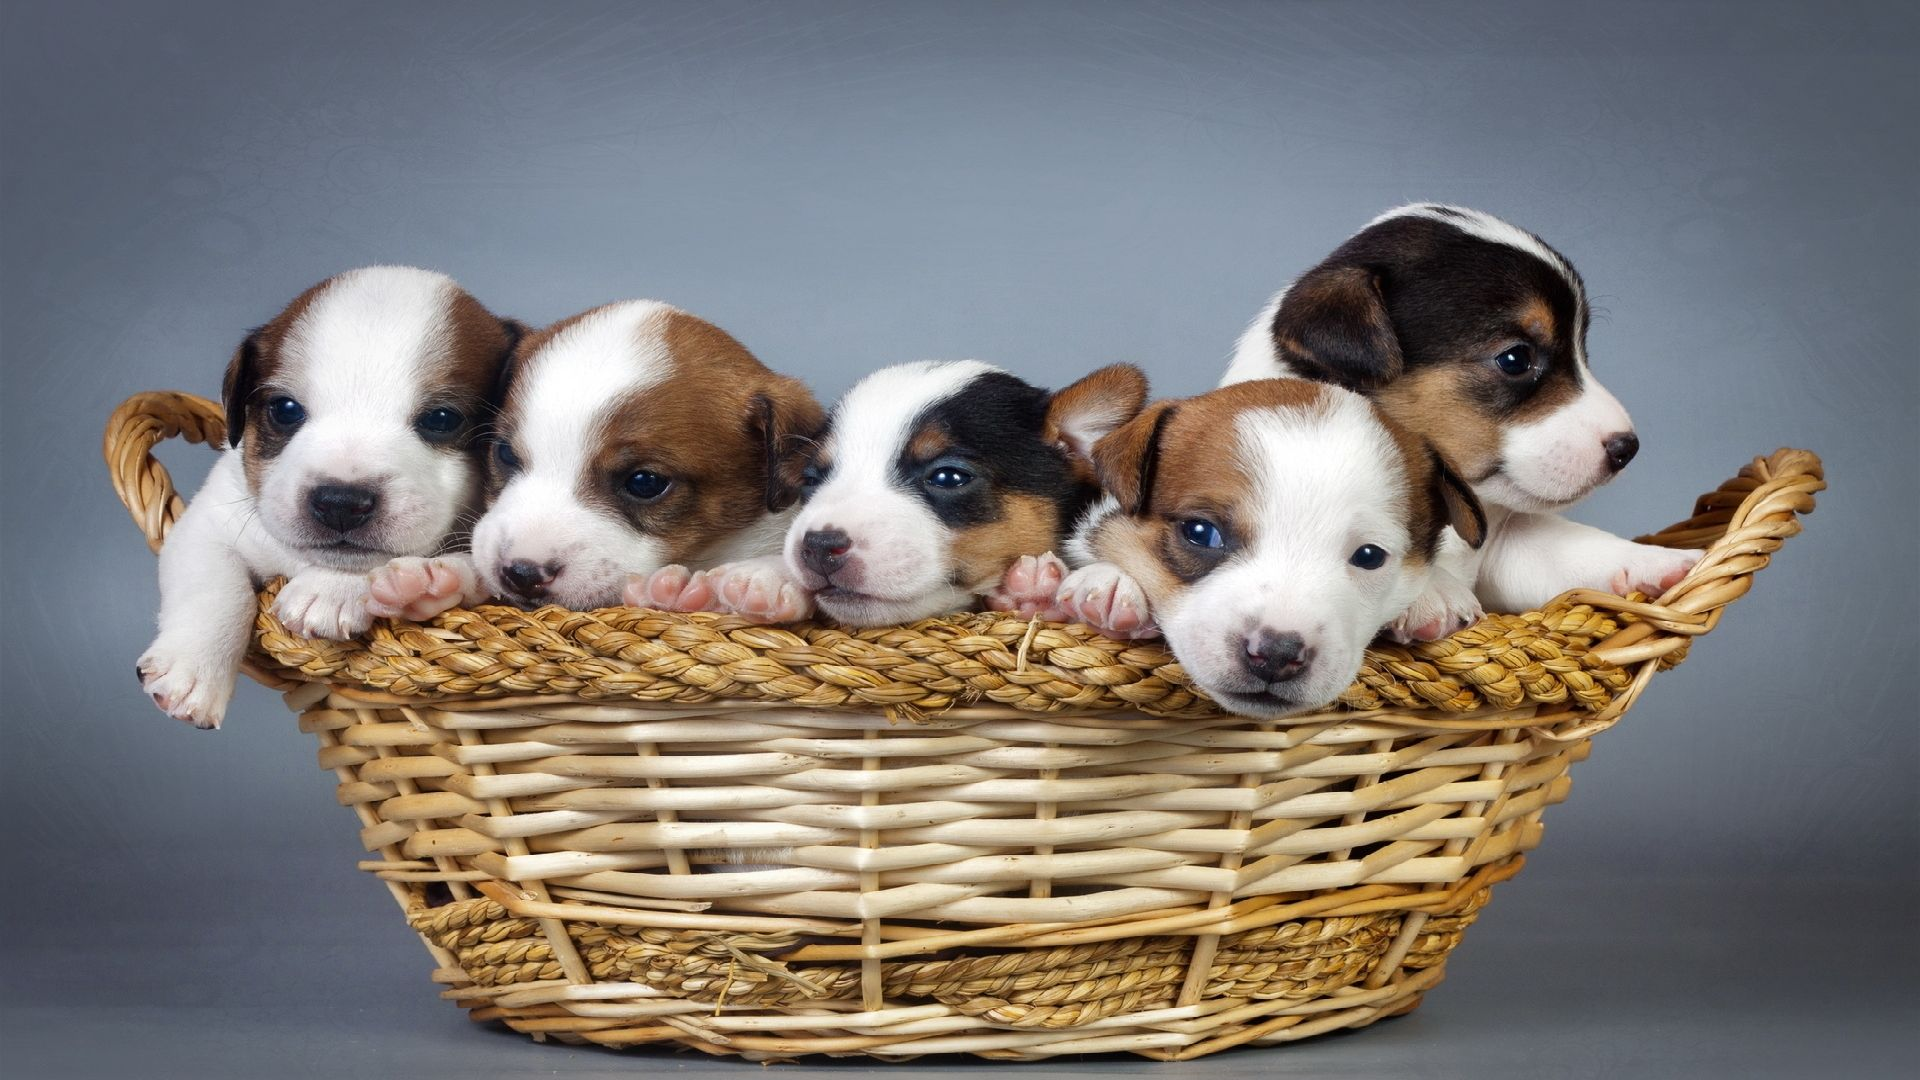 картинки собак щенки смотреть отличается фото сайте